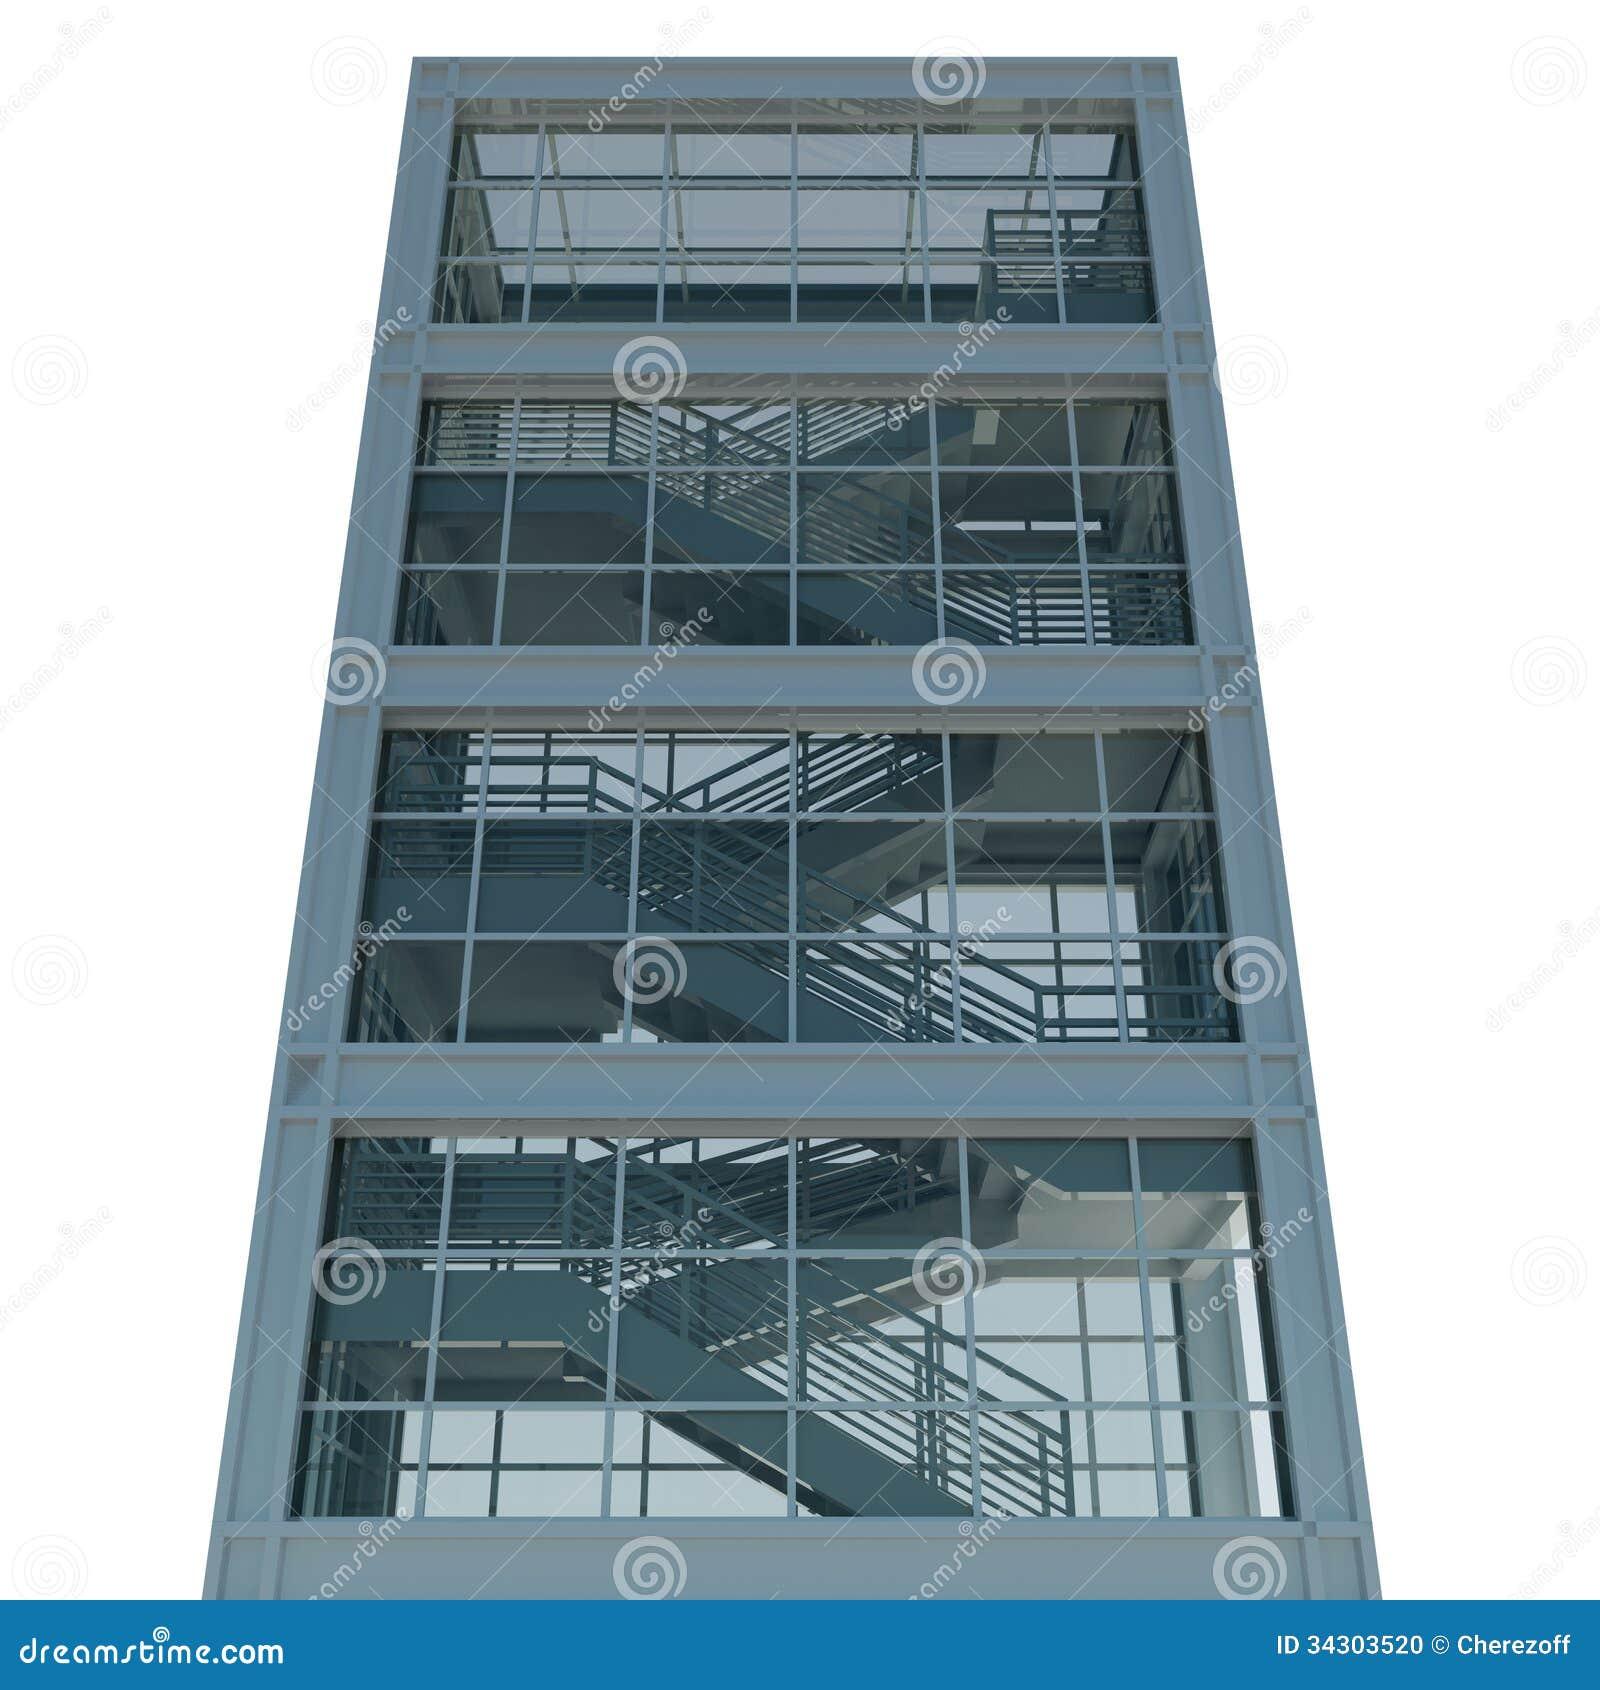 Architektur treppenhaus und fenster stockfoto bild for Fenster treppenhaus